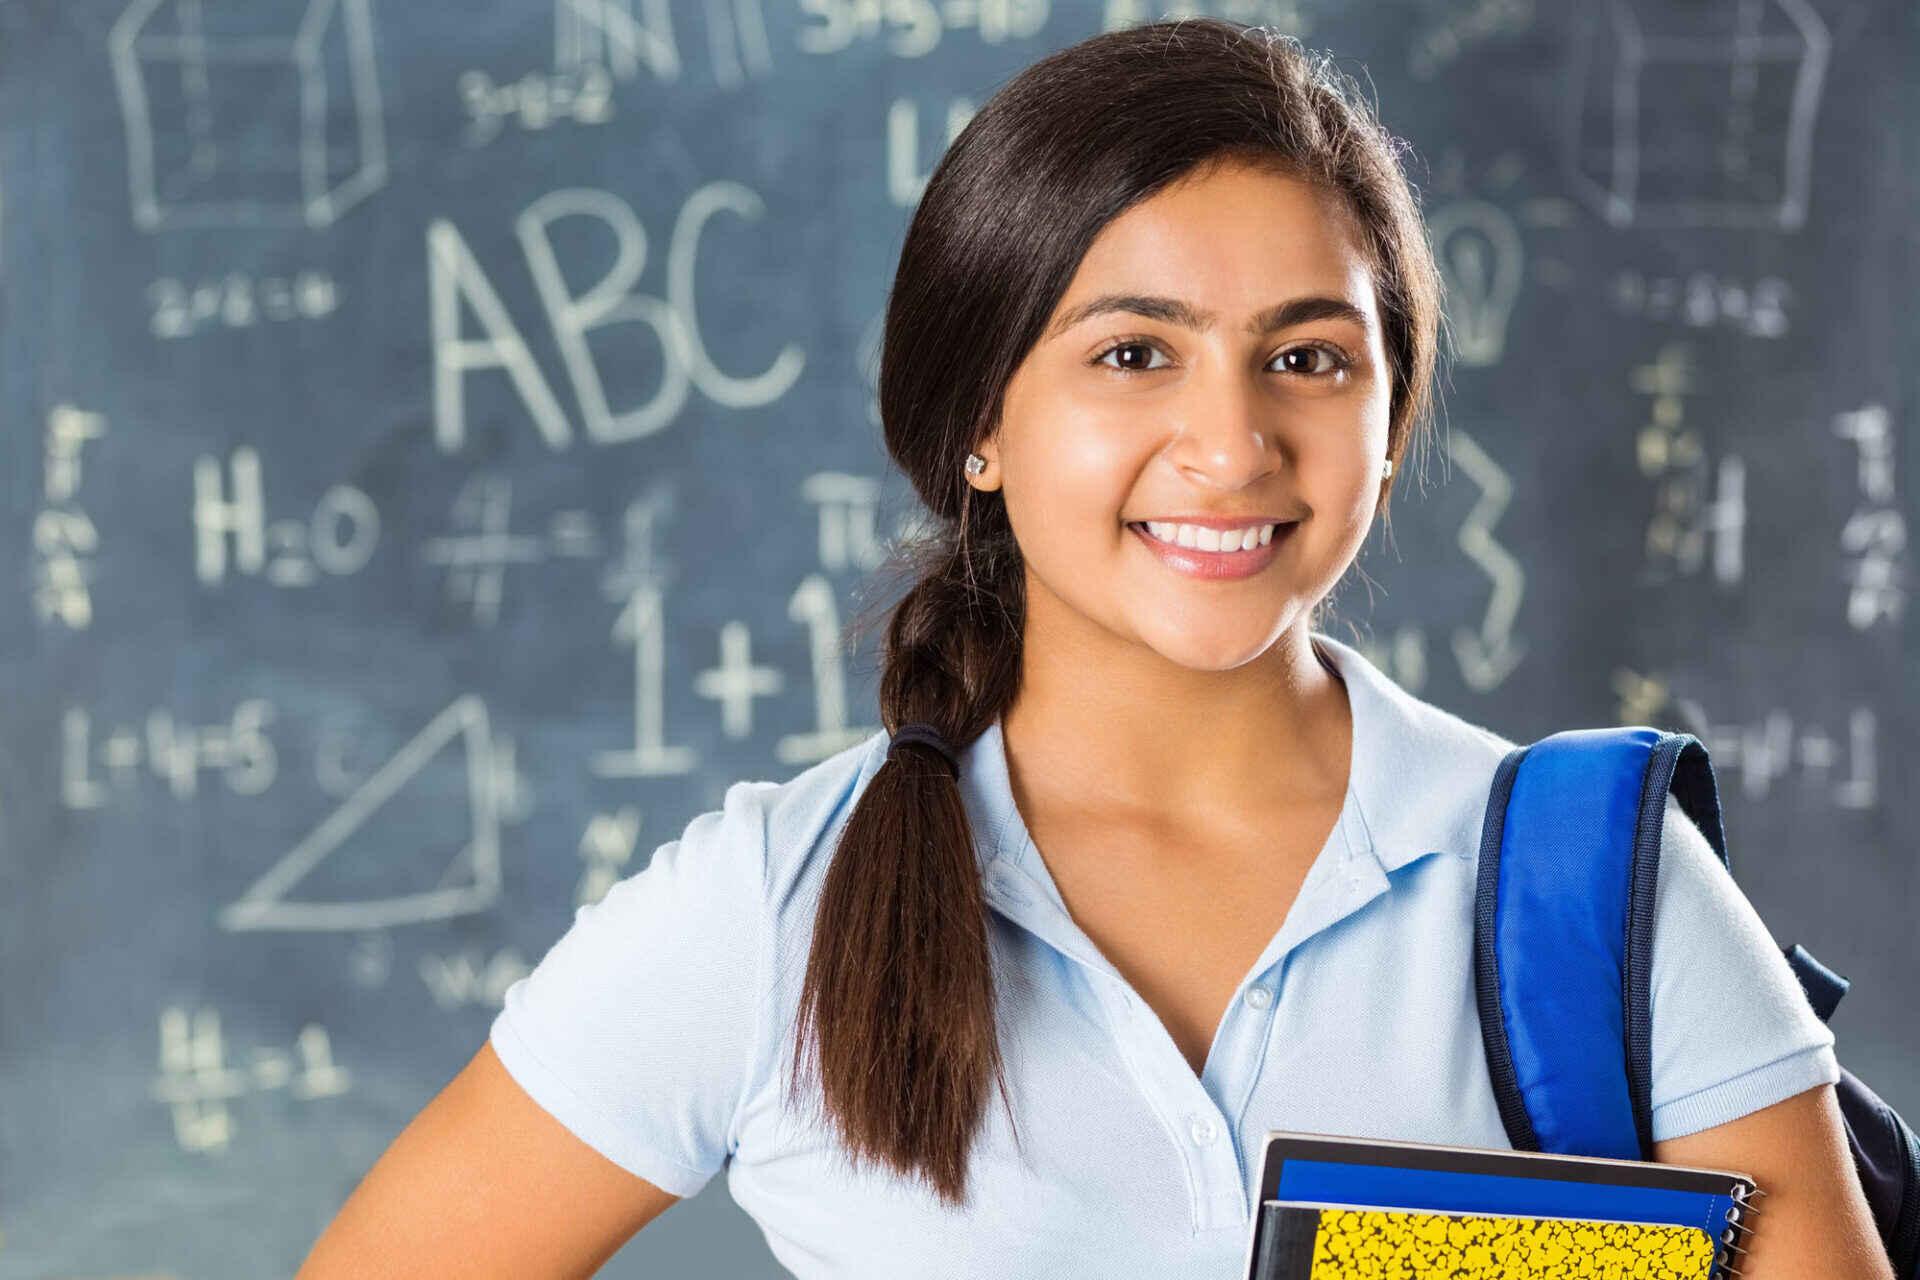 estudiante femenina sonriente